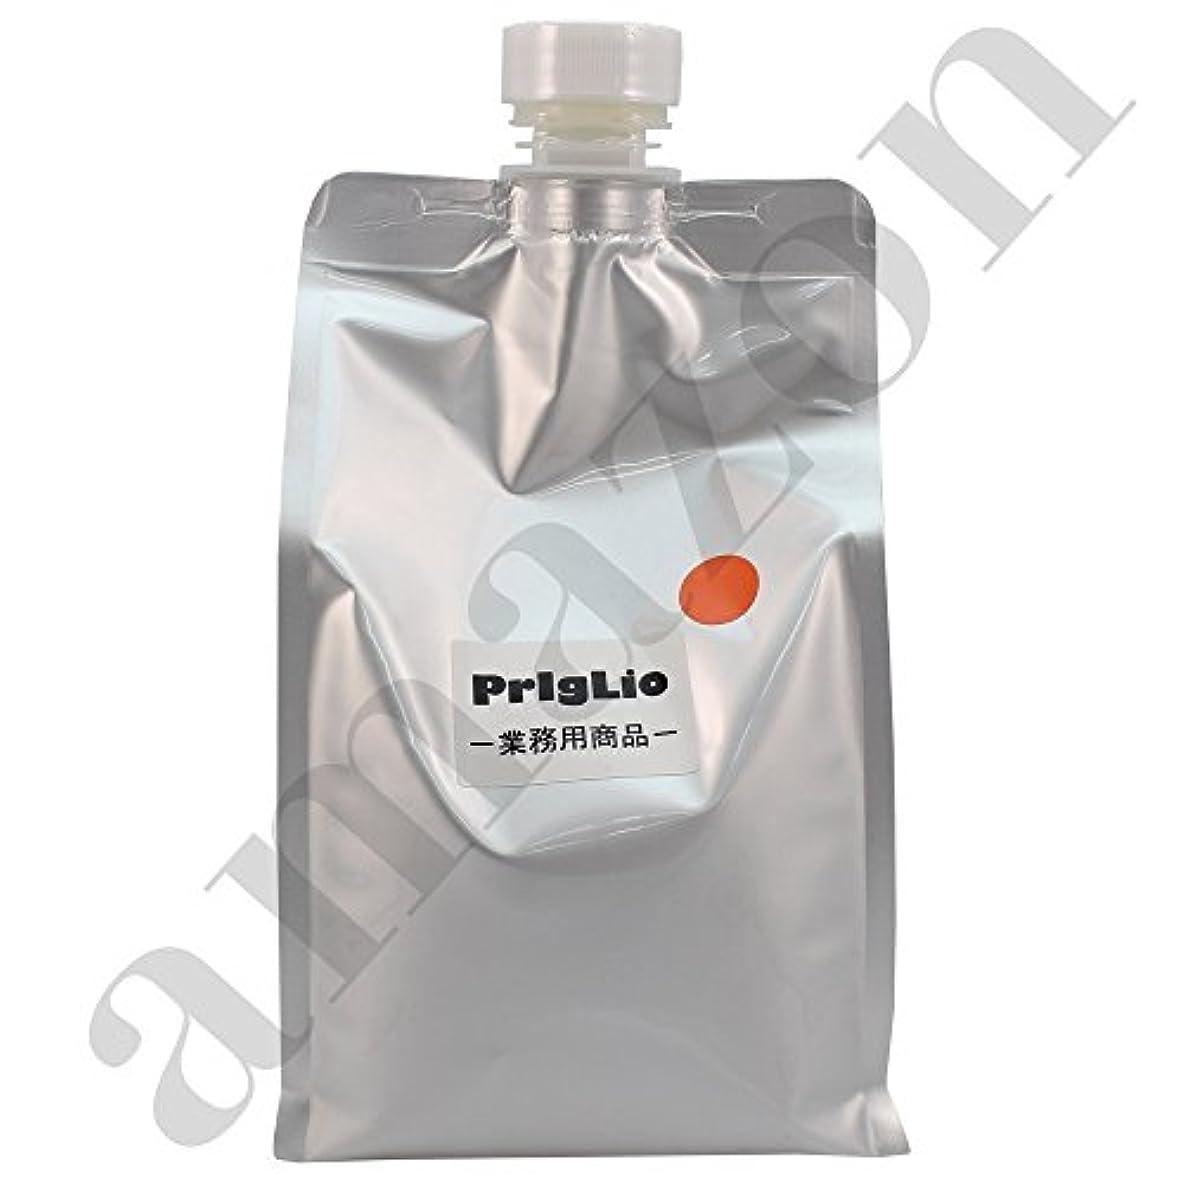 放棄環境に優しい冷笑するPrigLio(プリグリオ) D オレンジシャンプー 900ml